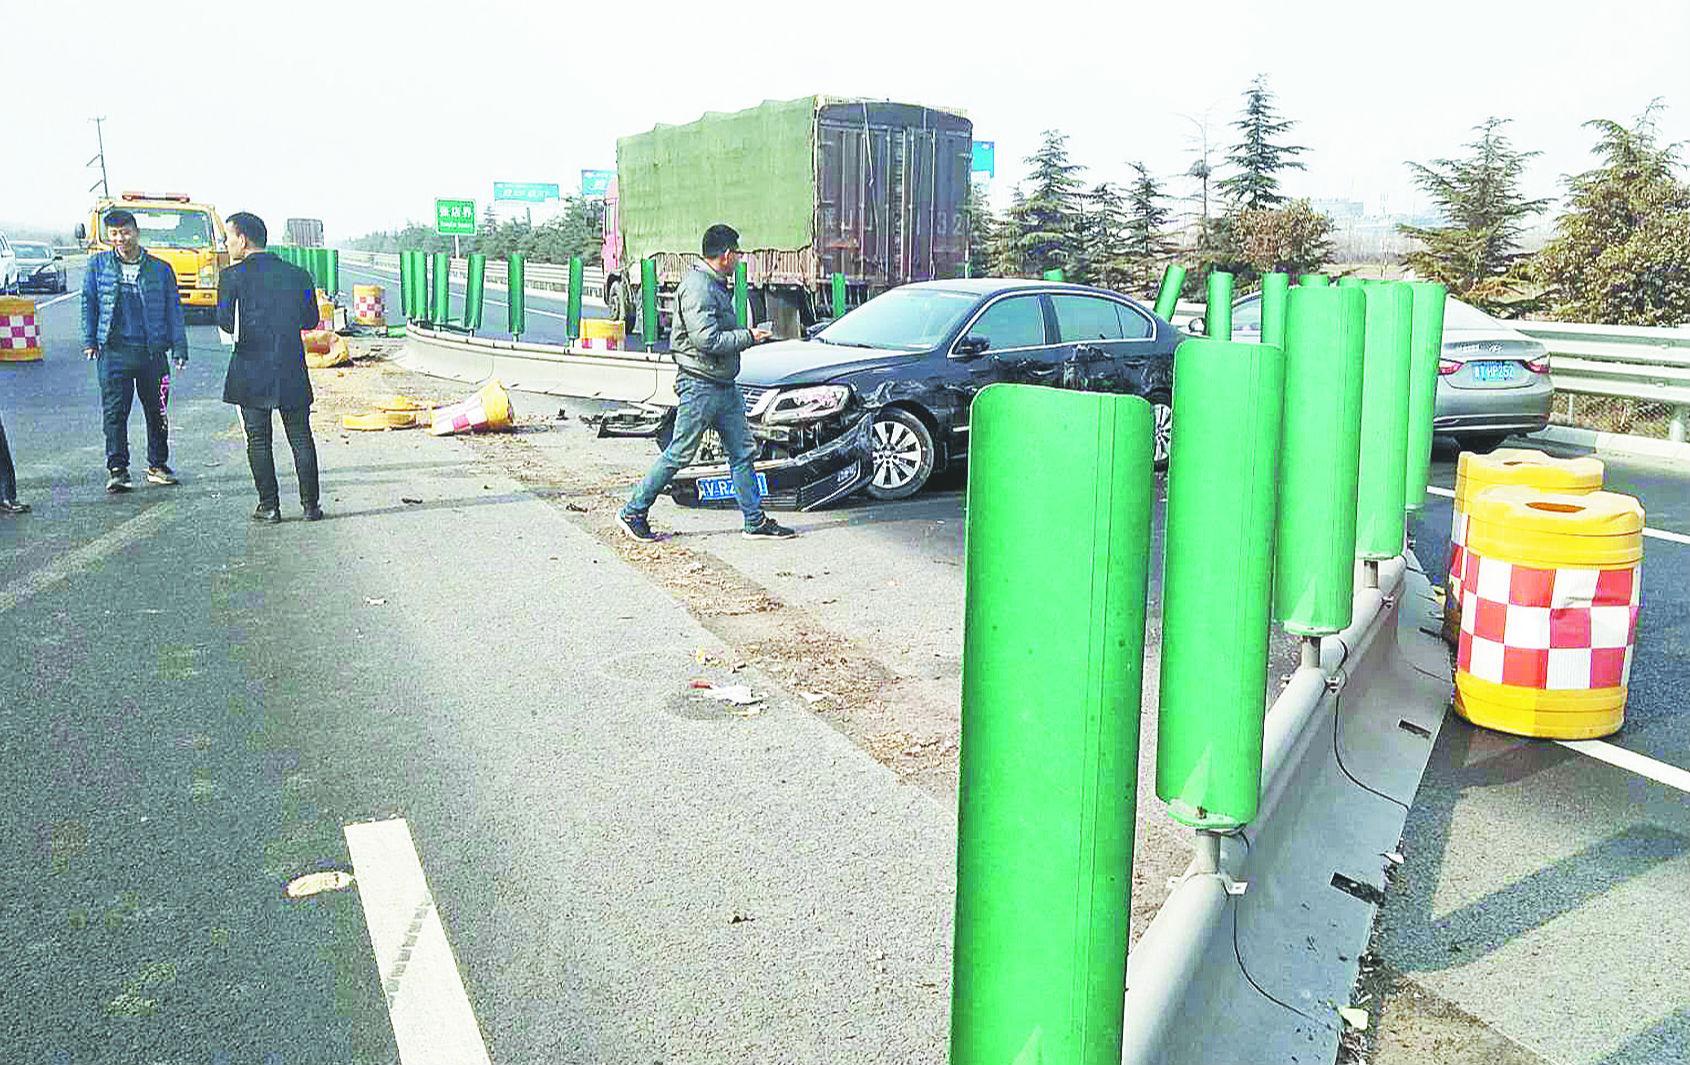 3车追尾 济青高速交通秩序受影响1个小时